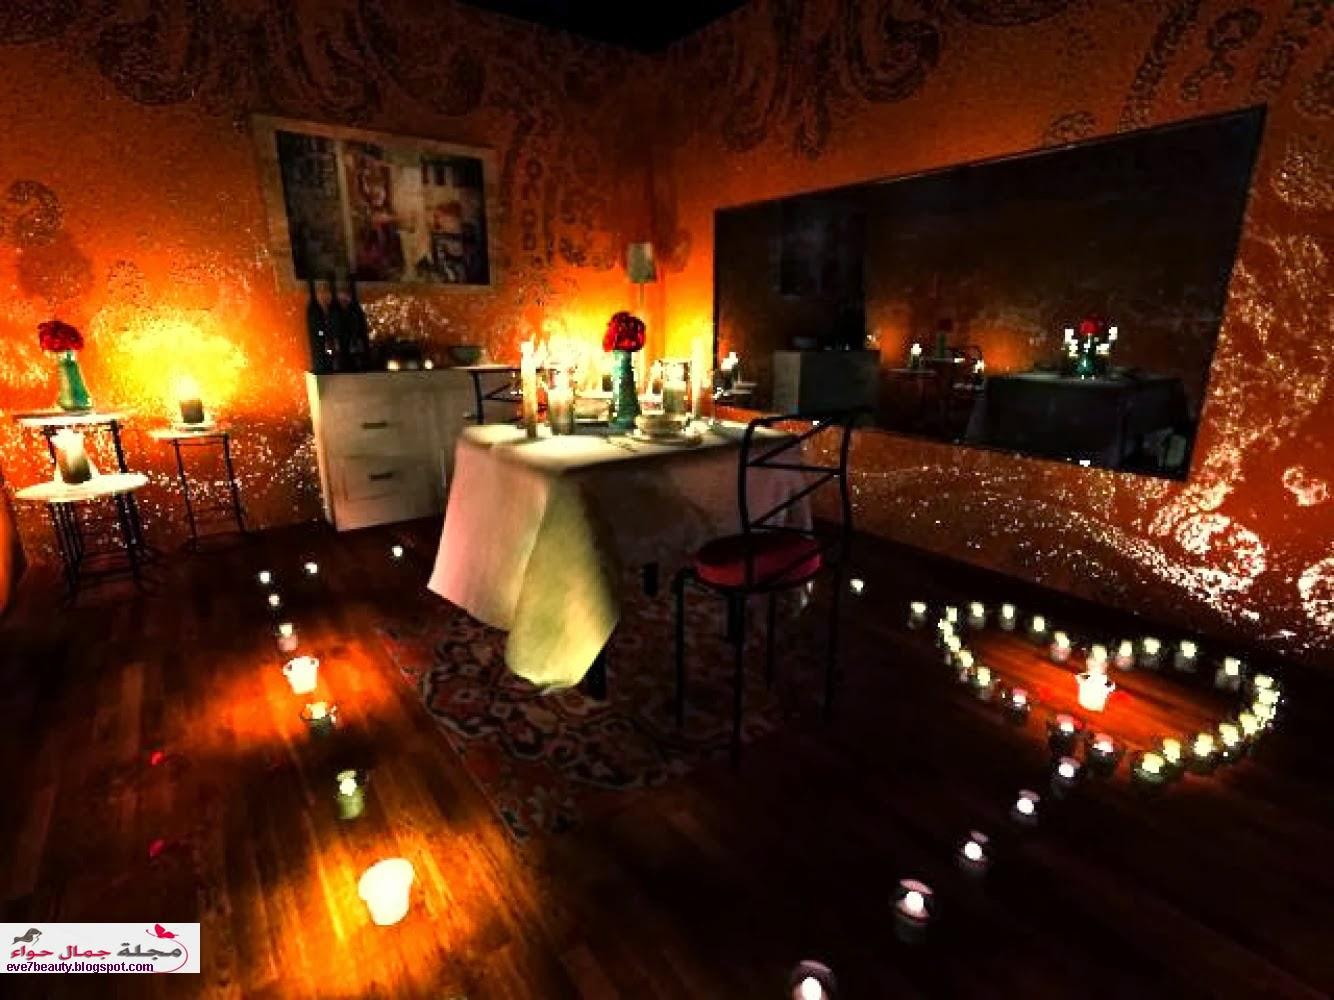 بالصور عشاء رومانسي في البيت , بالصور احلى عشاء رومانسى فى البيت 5954 9